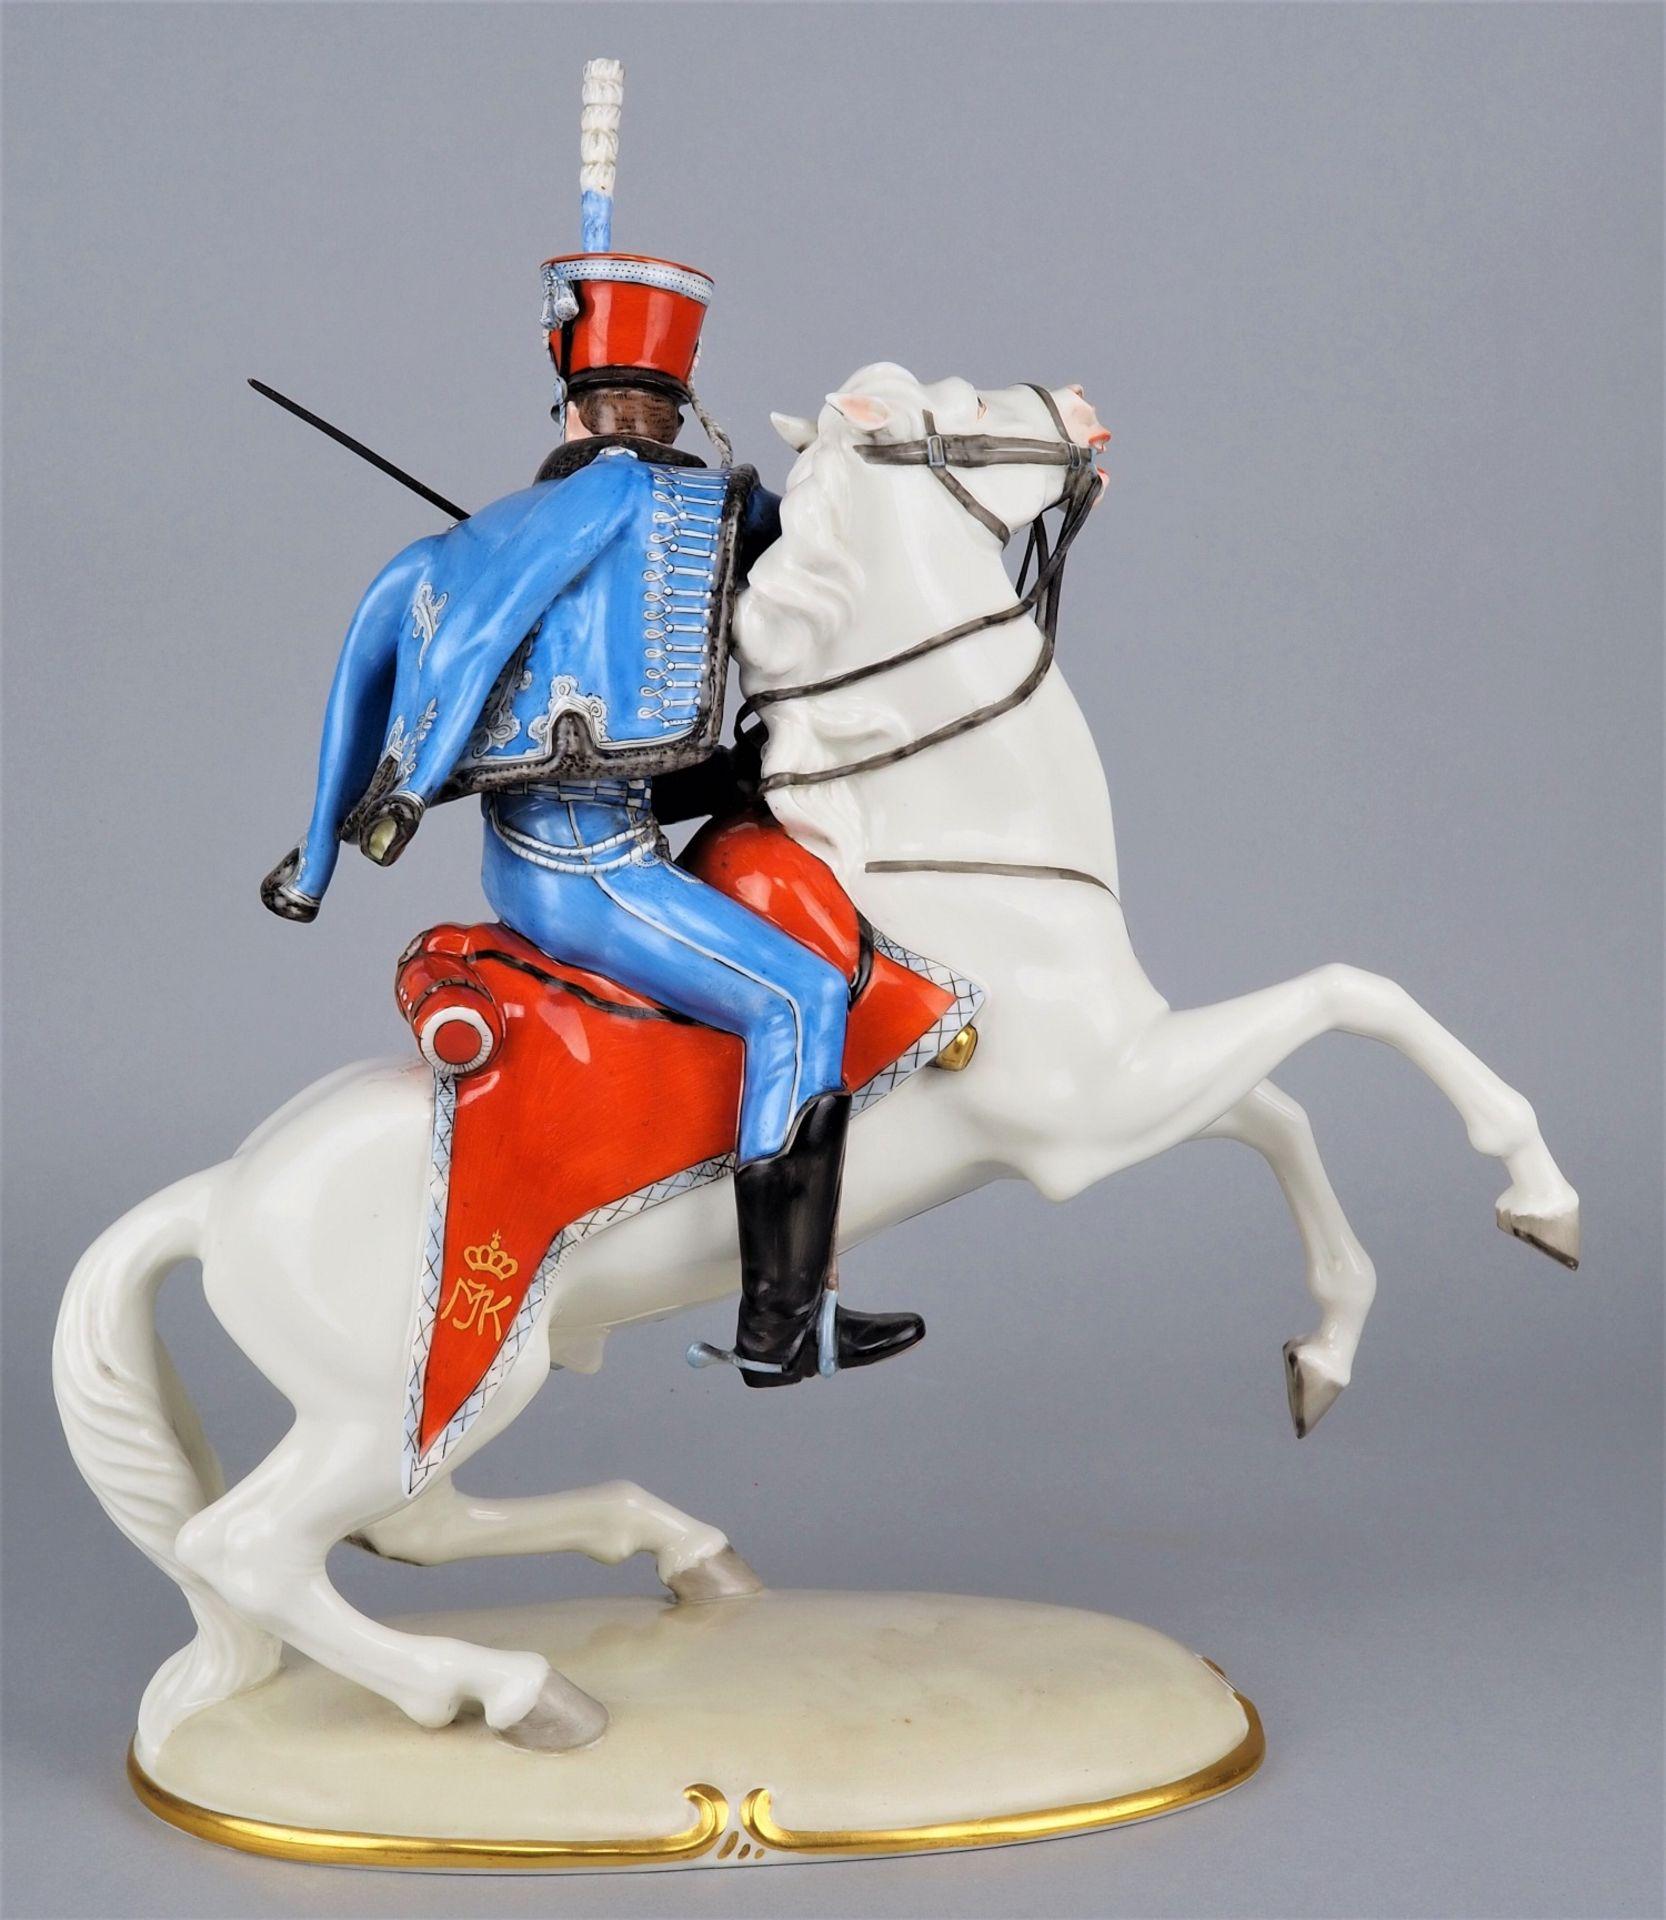 Nymphenburg Porcelain Manufactory: Officer of the 2nd Royal Bavarian Hussar Regiment on horseback. - Image 4 of 8